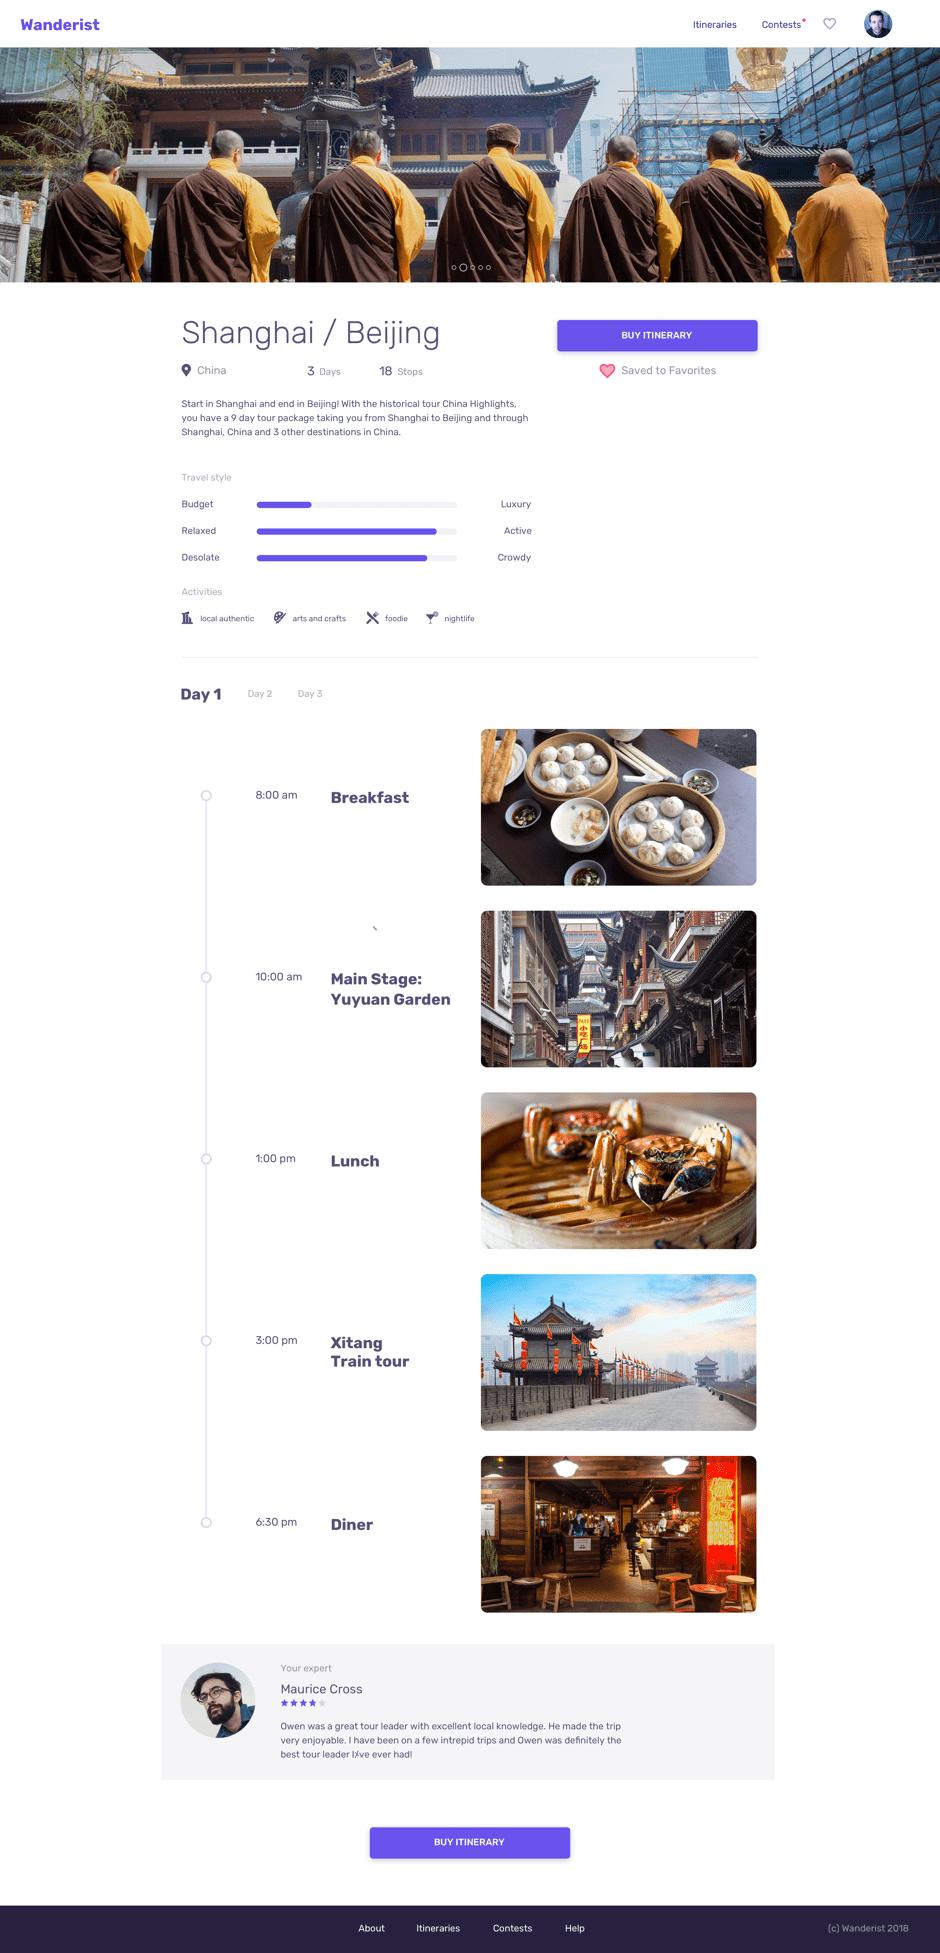 Wanderist itinerary page